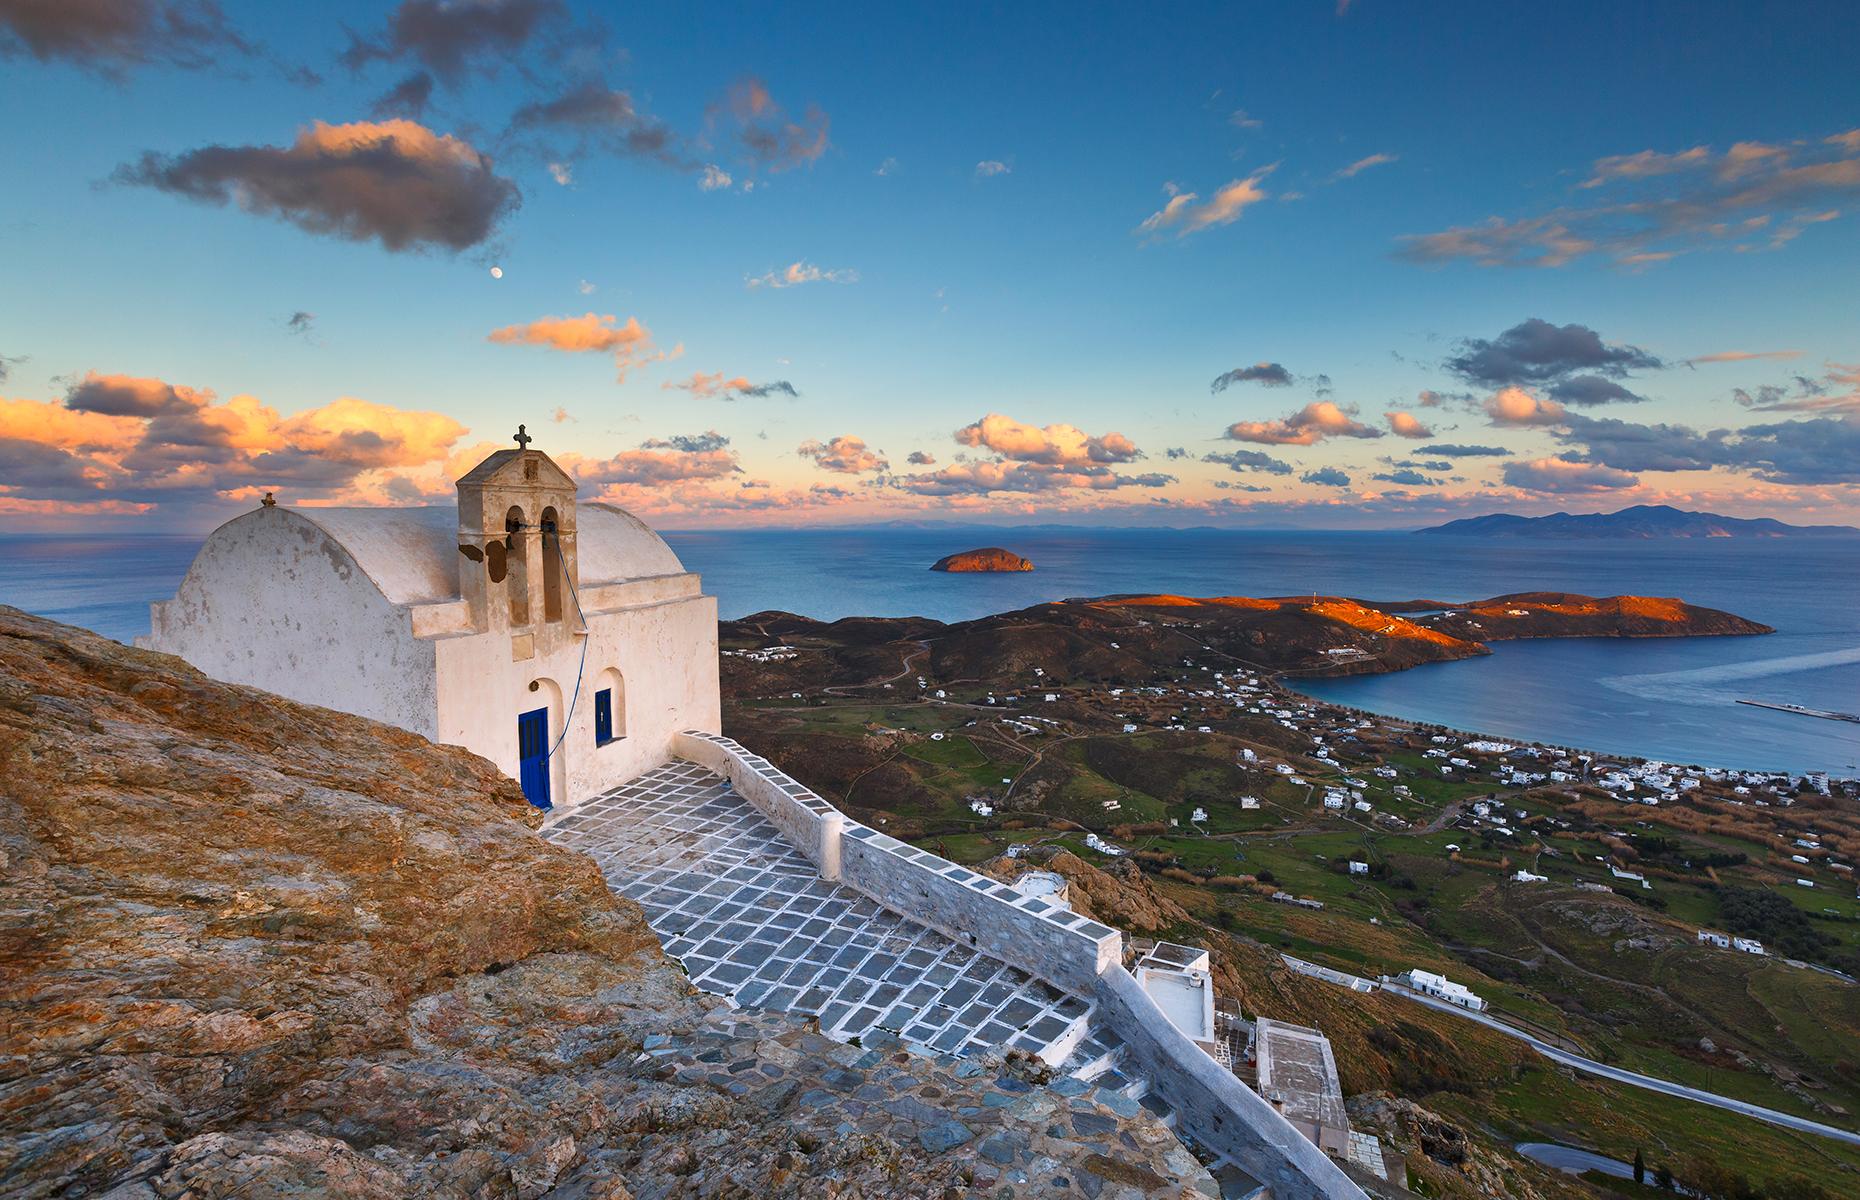 Sifnos scenery (Image: Milan Gonda/Shutterstock)